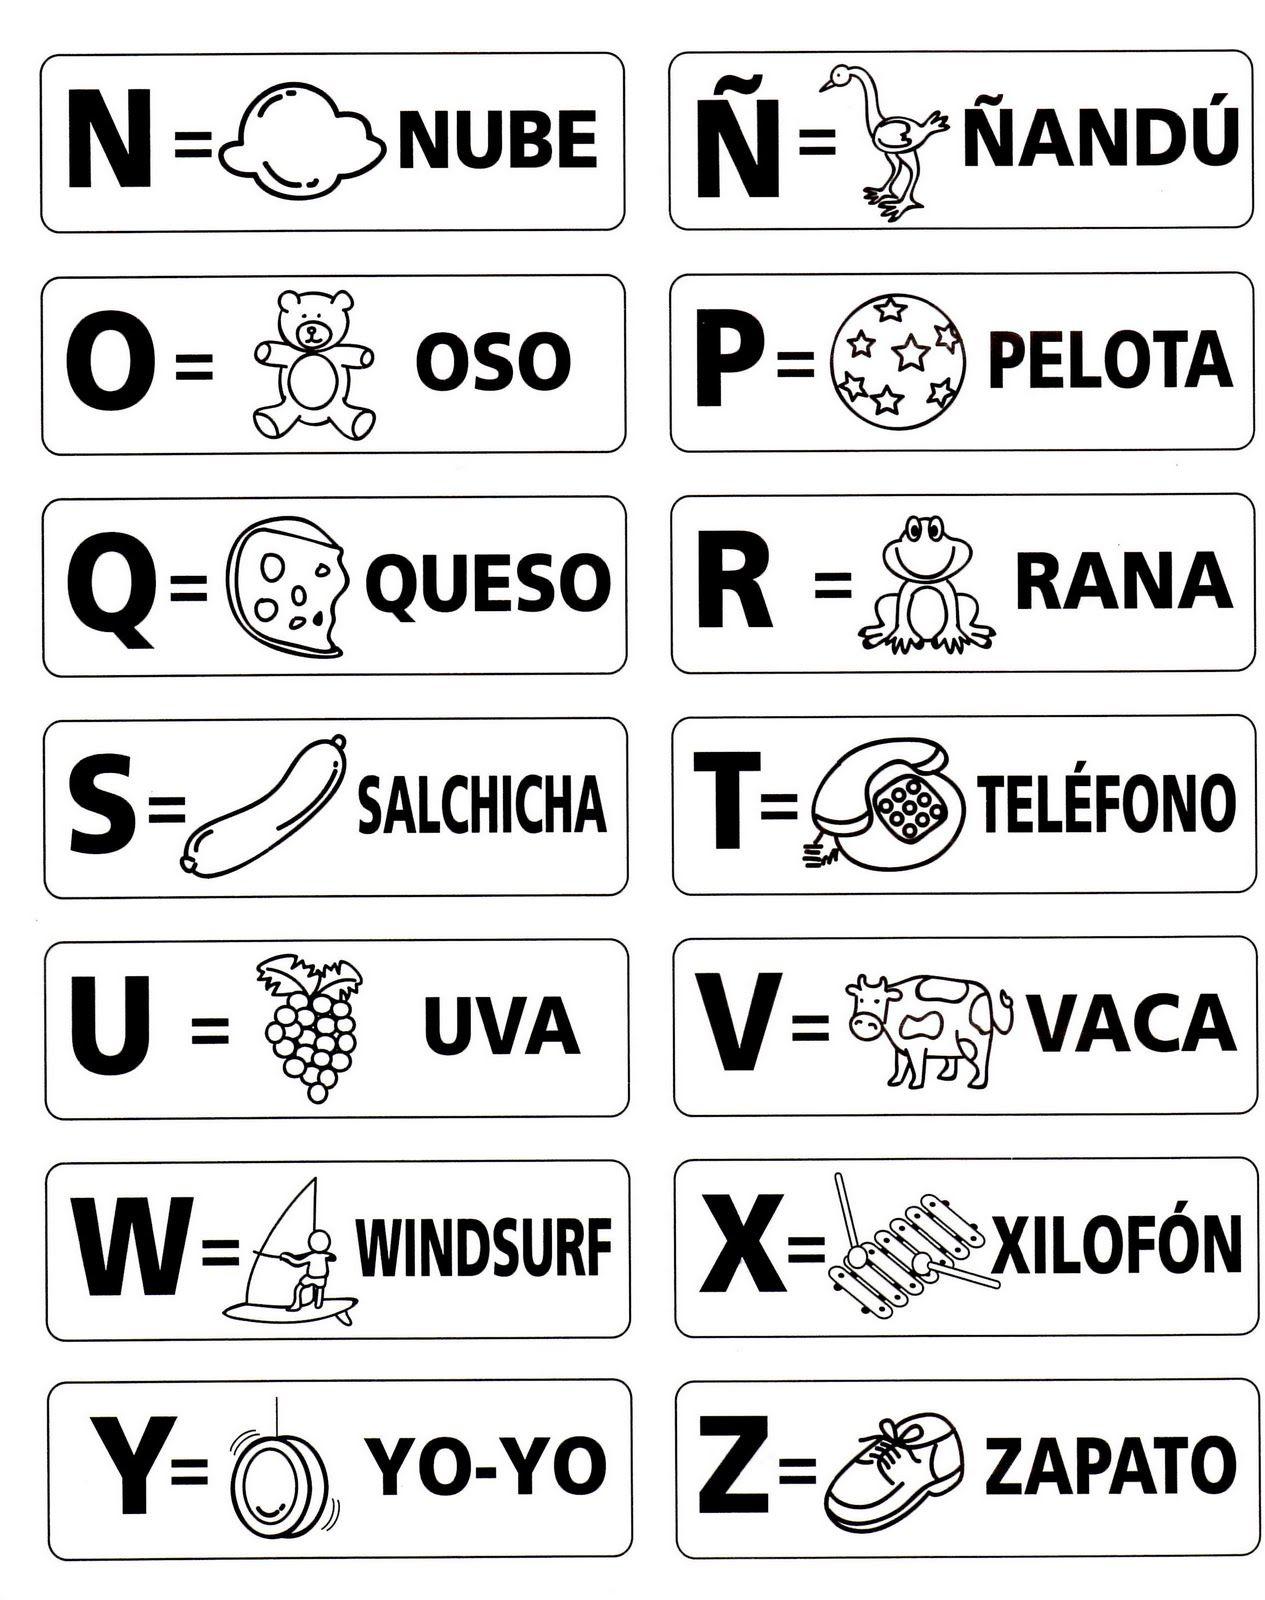 Recursos Y Actividades Para Educacion Infantil Abecedarios Para Colorear Con Dibujos Letras Del Abecedario Abecedario Para Imprimir Aprender El Abecedario